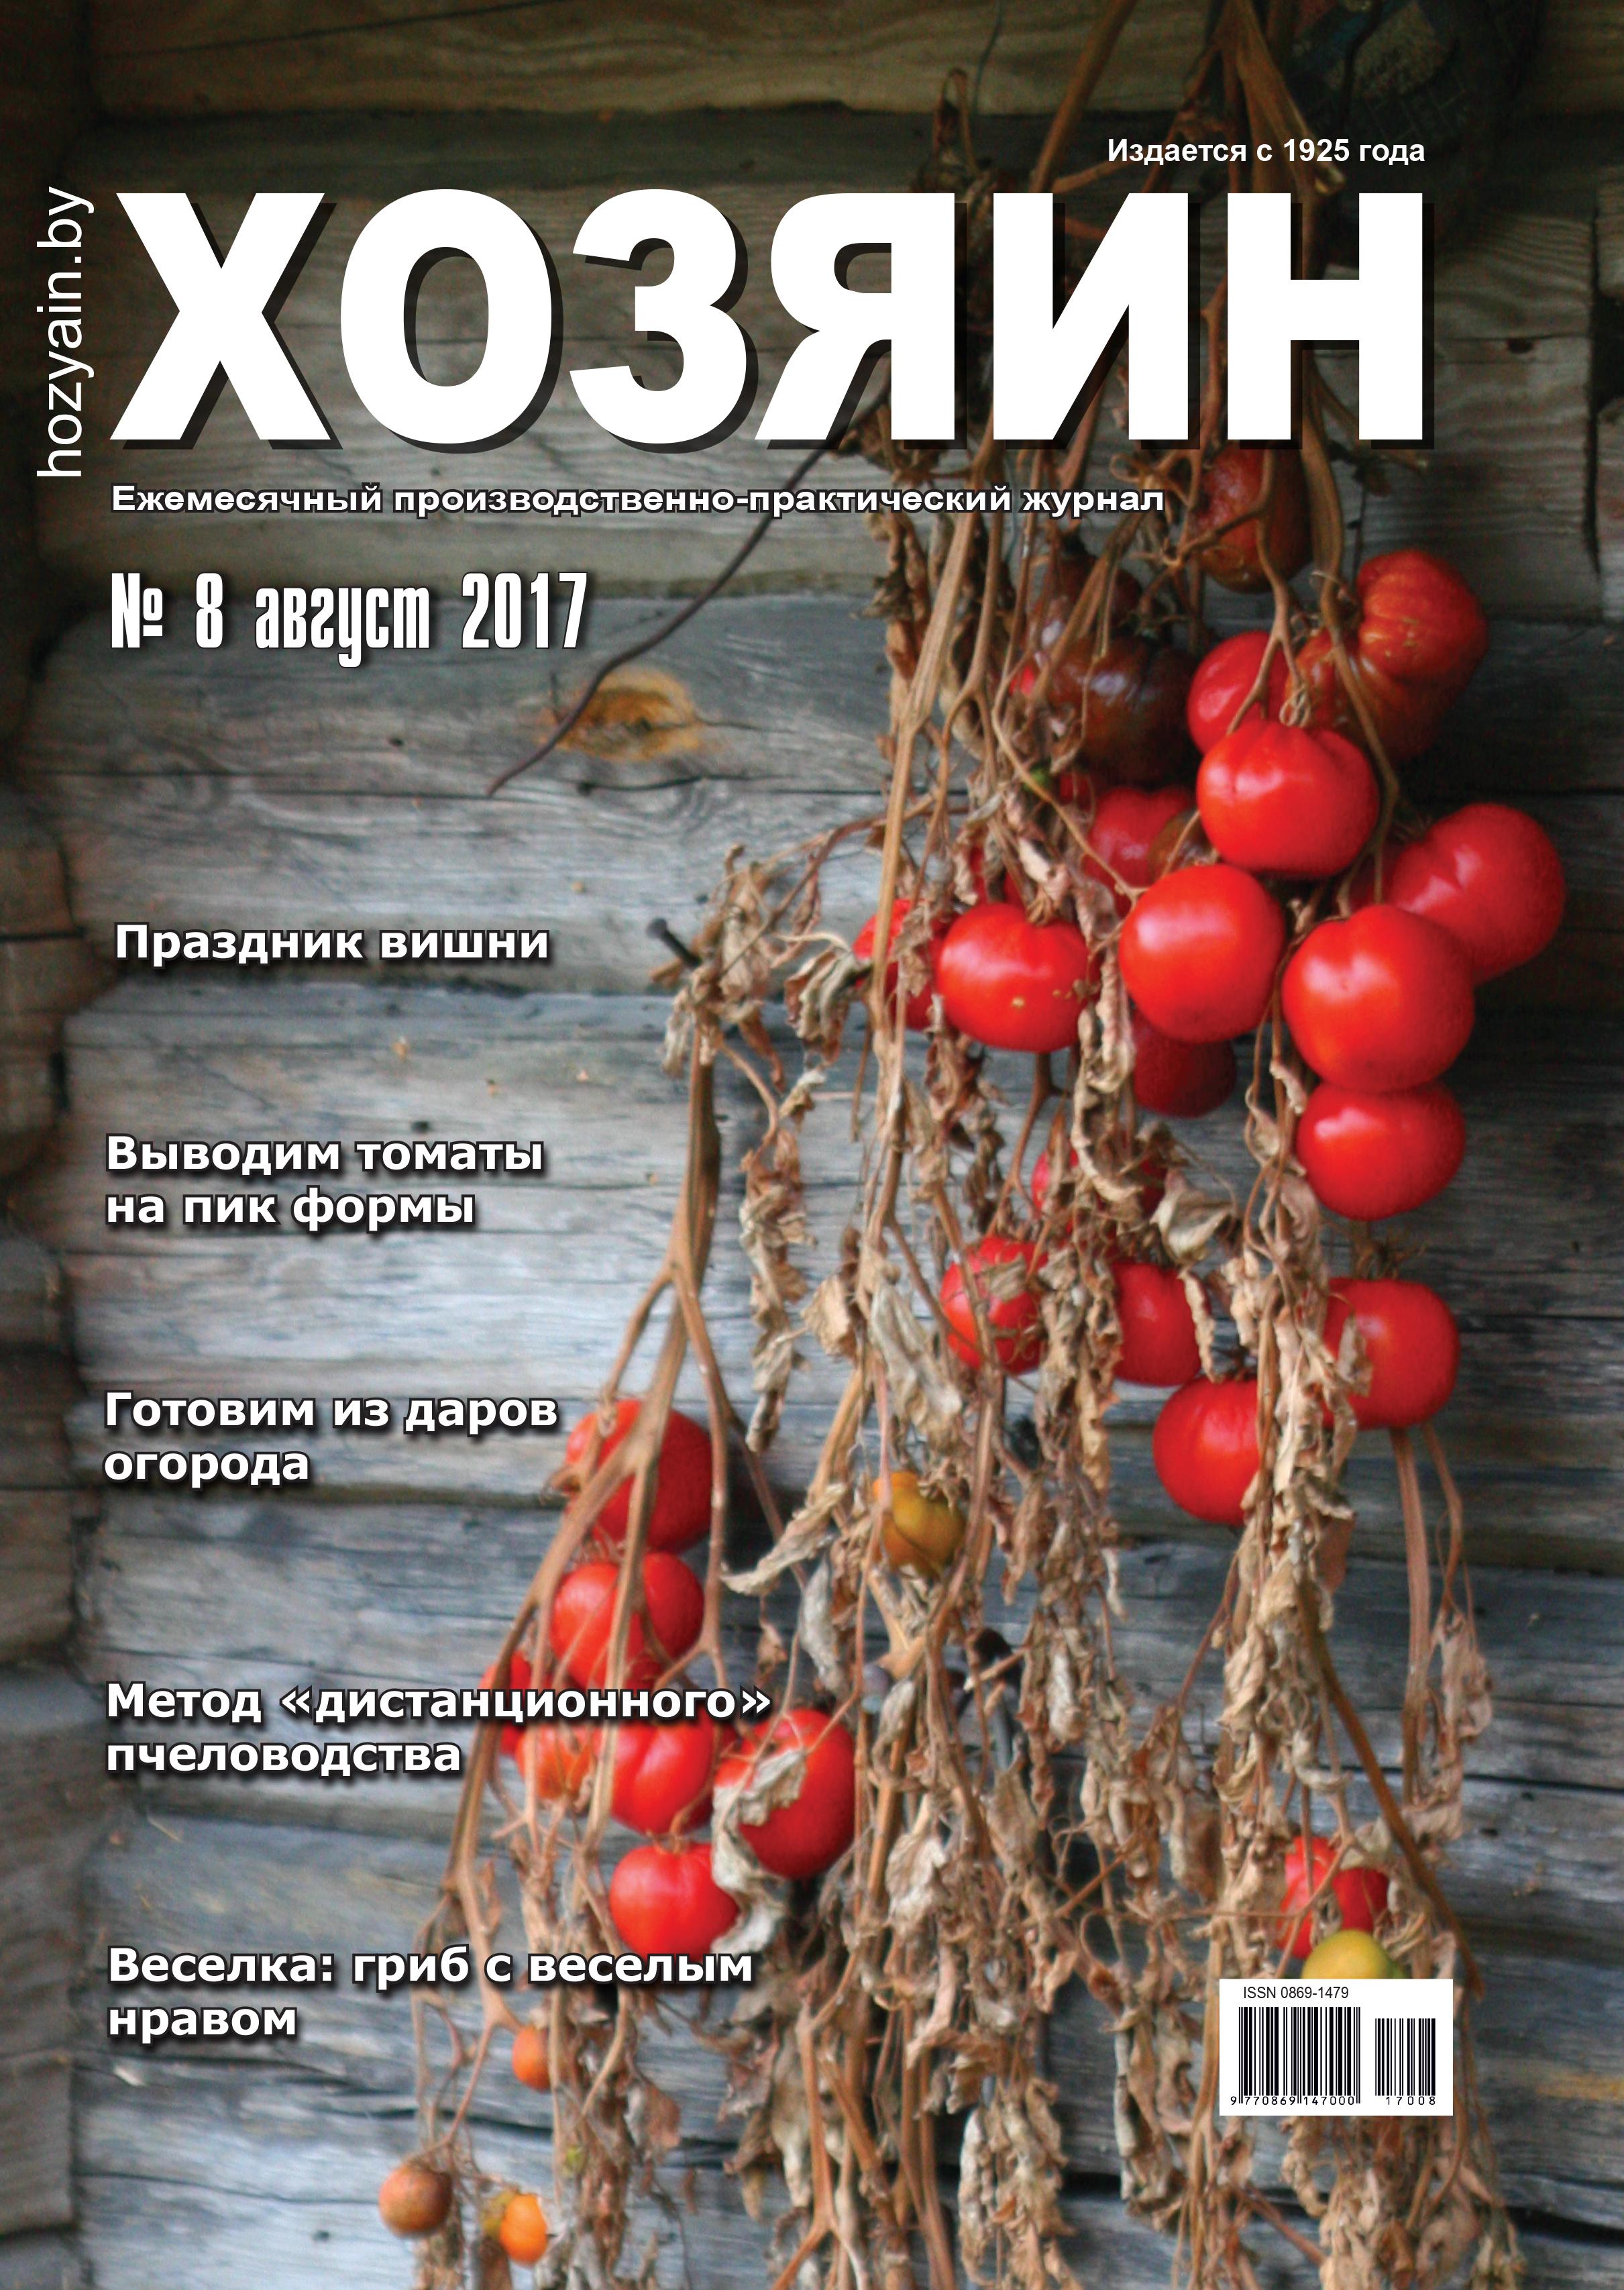 обложка на август 2017